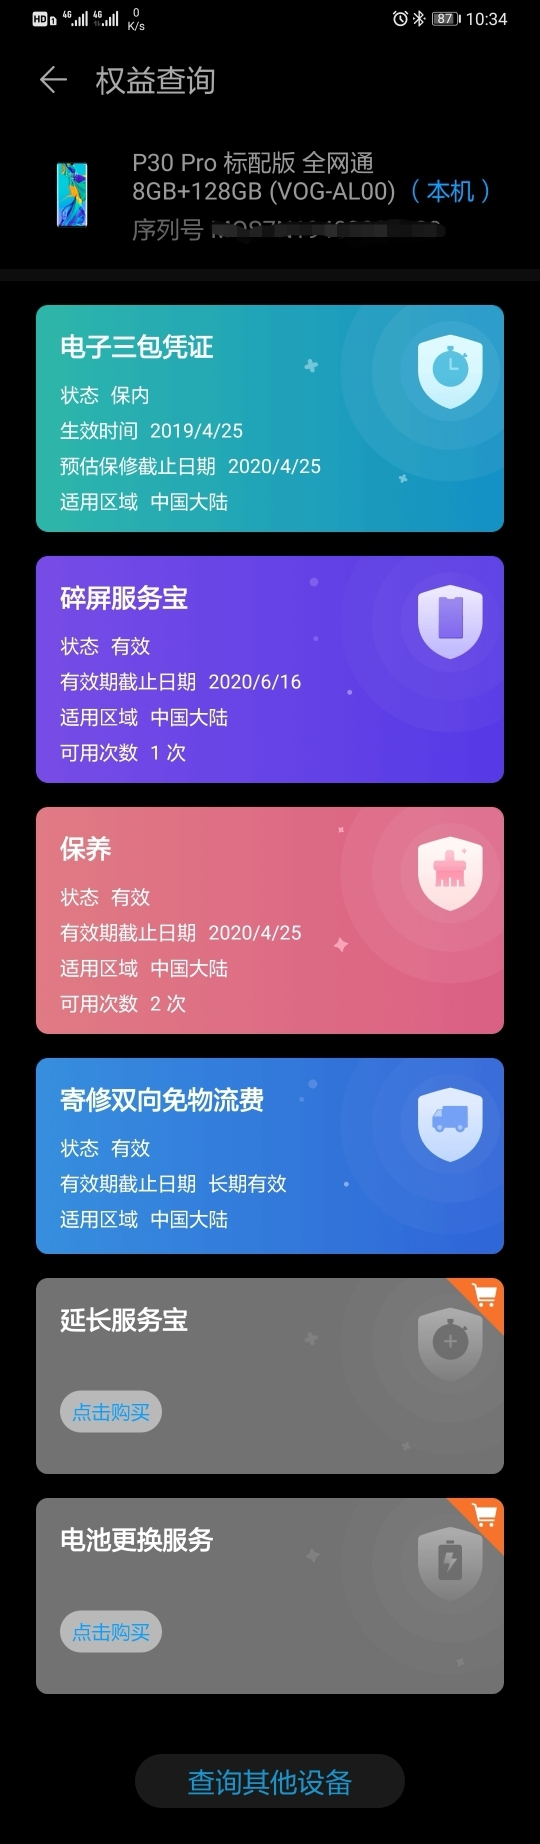 Screenshot_20191008_103530.jpg